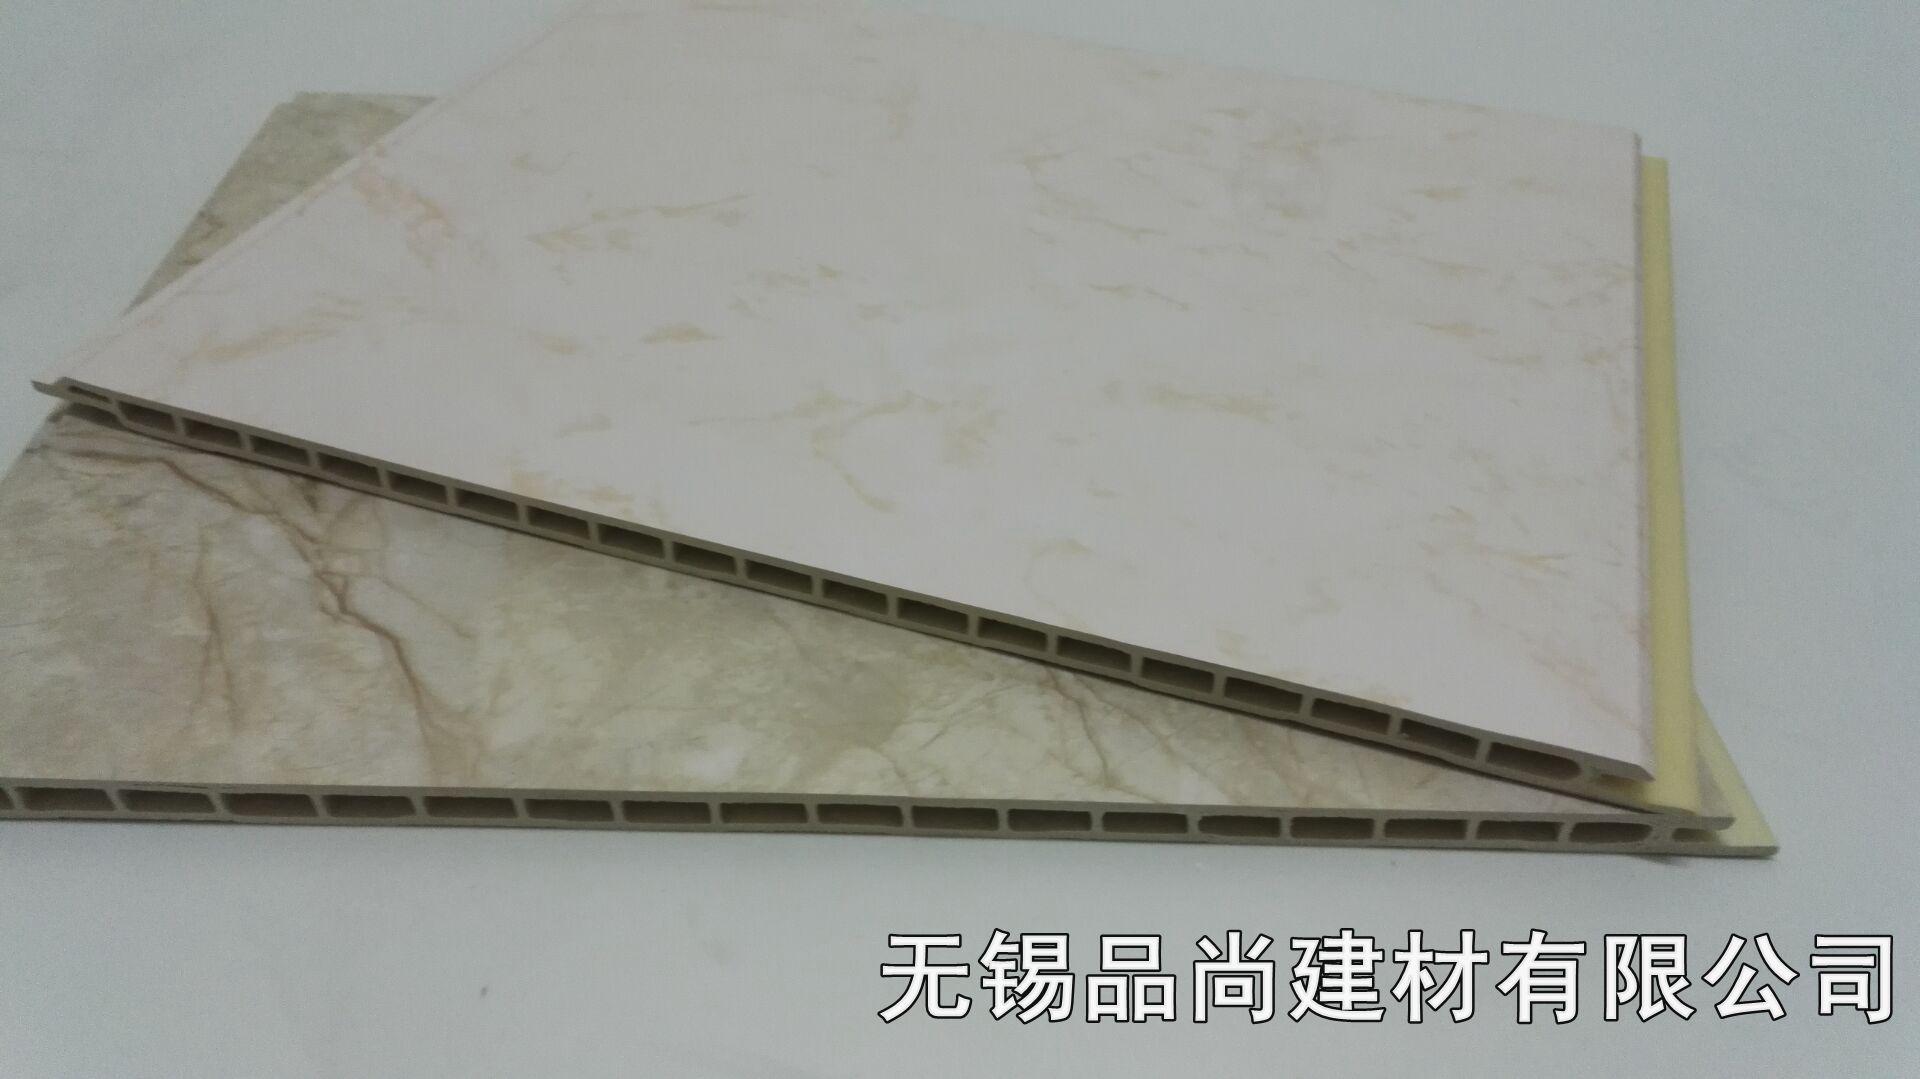 沭阳竹木纤维集成墙面品牌厂家 集成墙板线条批发